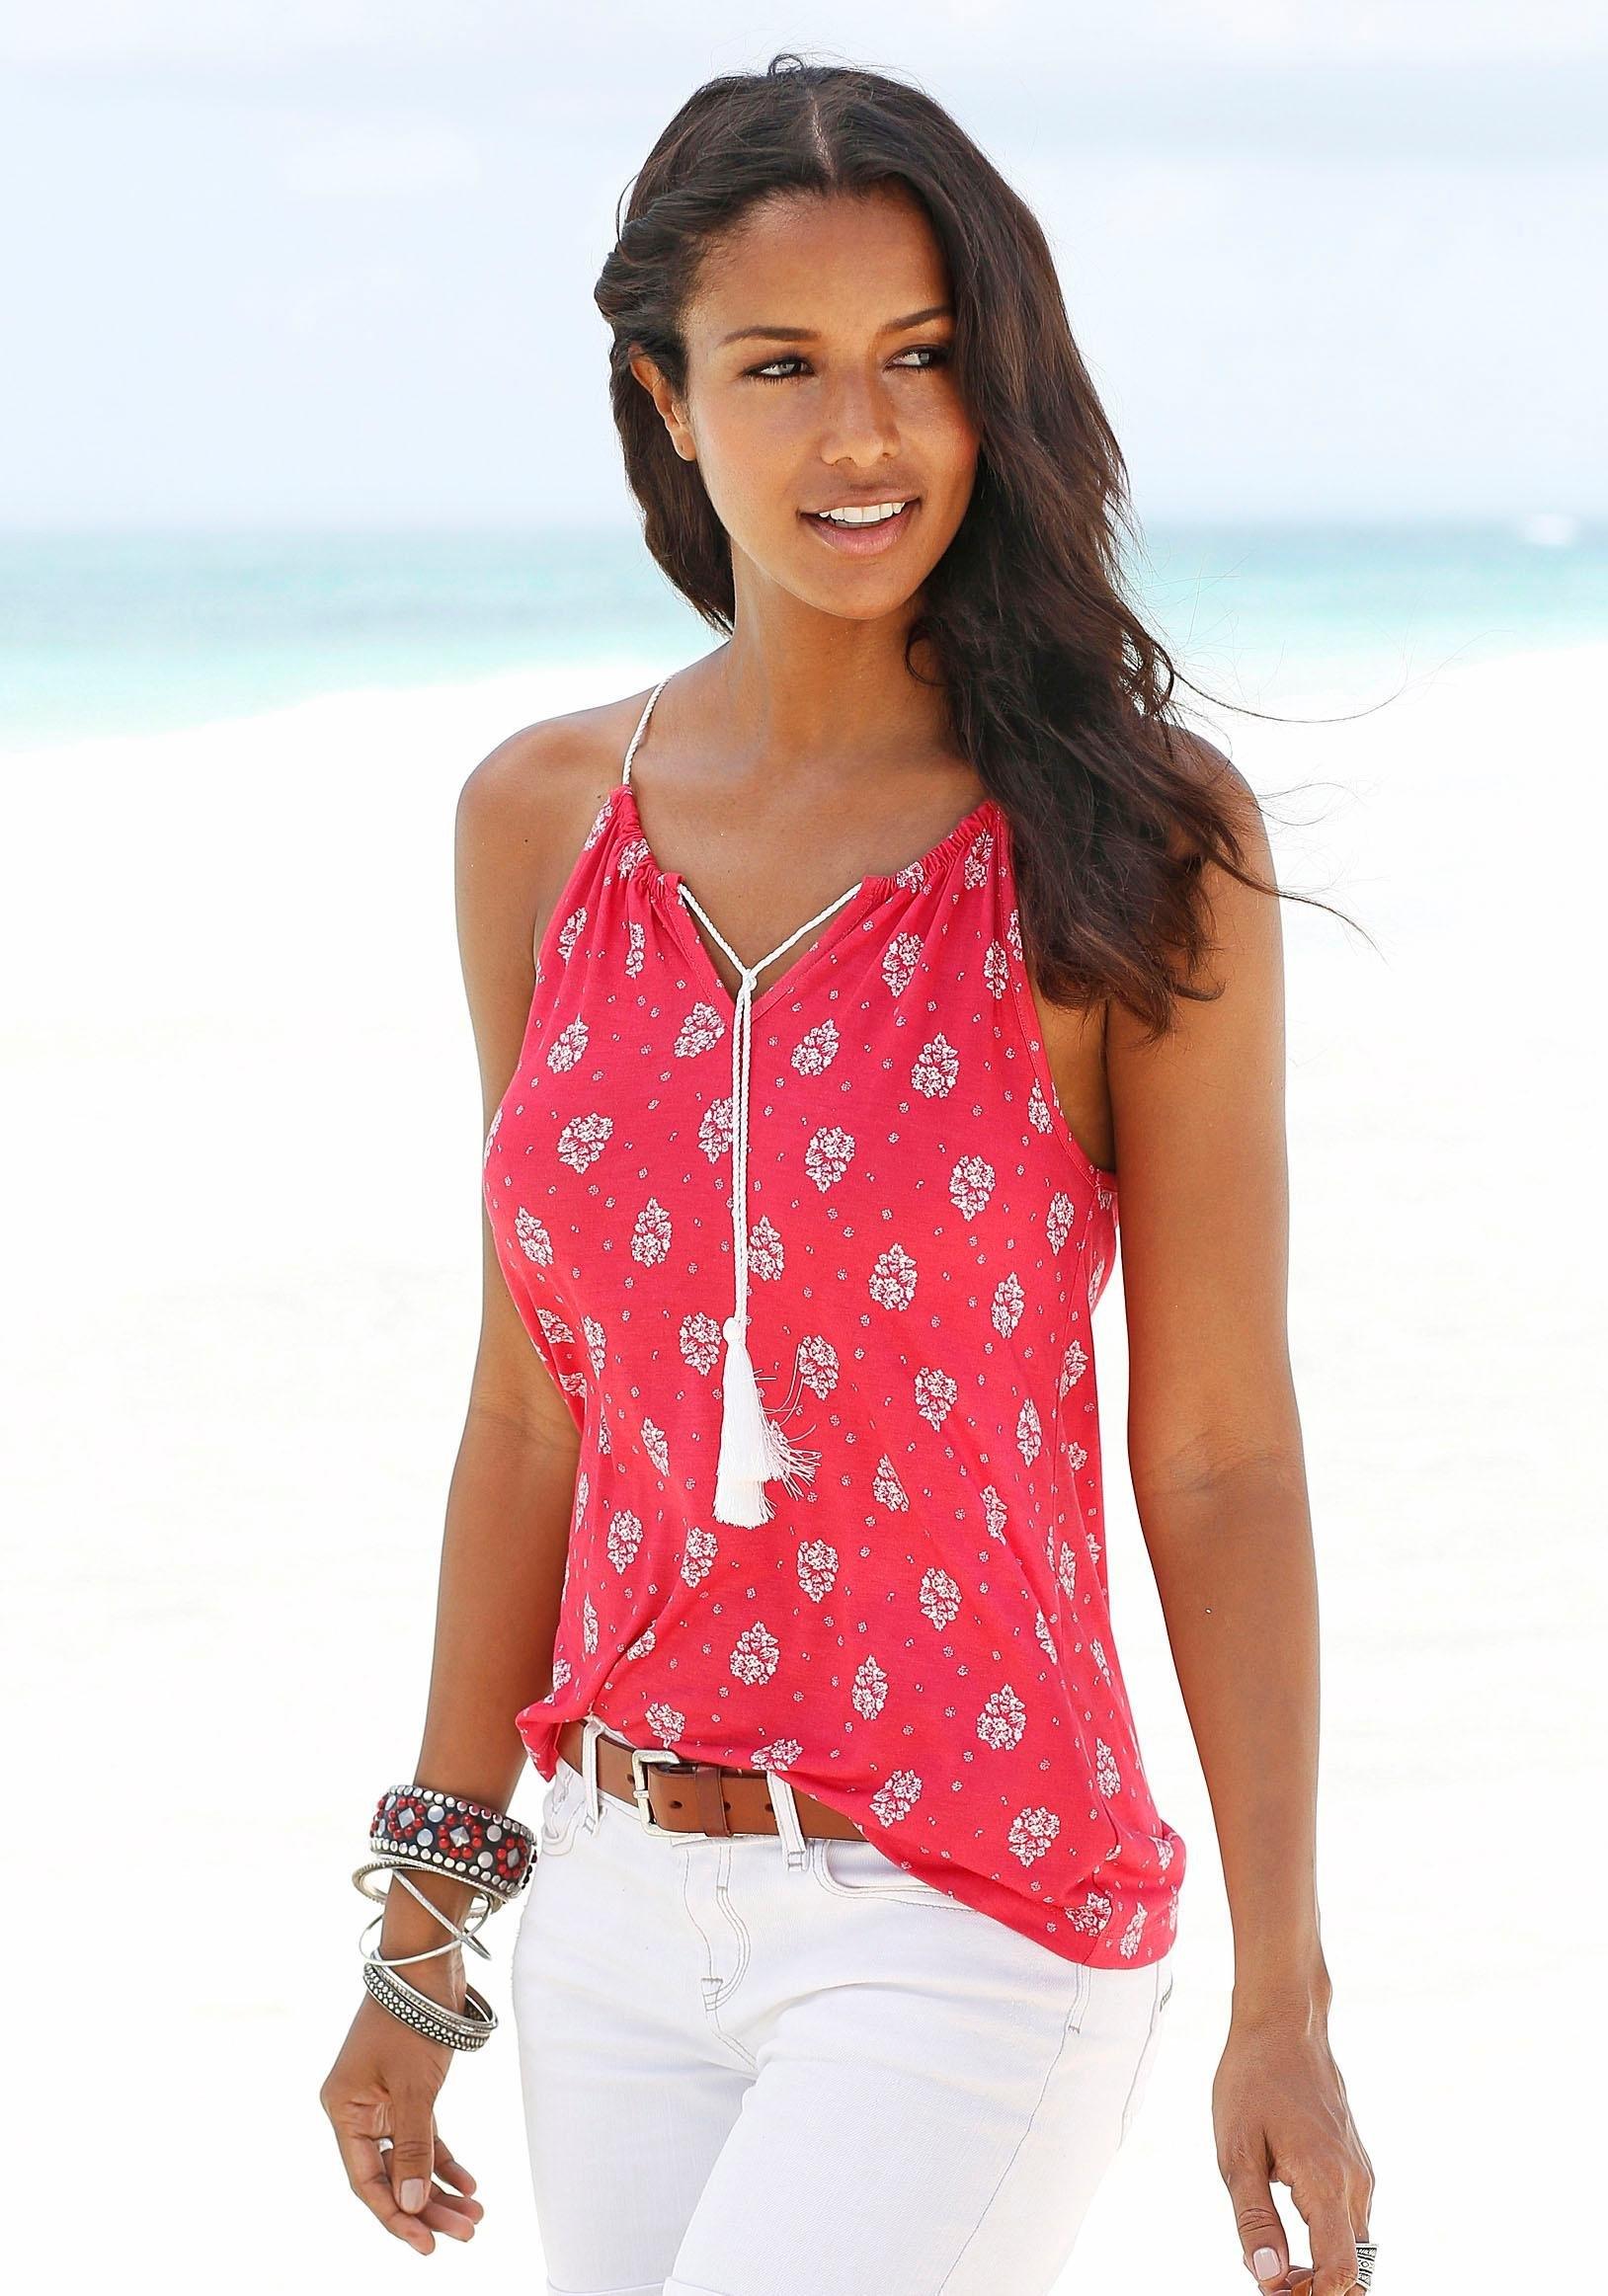 s.Oliver Beachwear S.OLIVER RED LABEL Beachwear strandtop nu online kopen bij Lascana